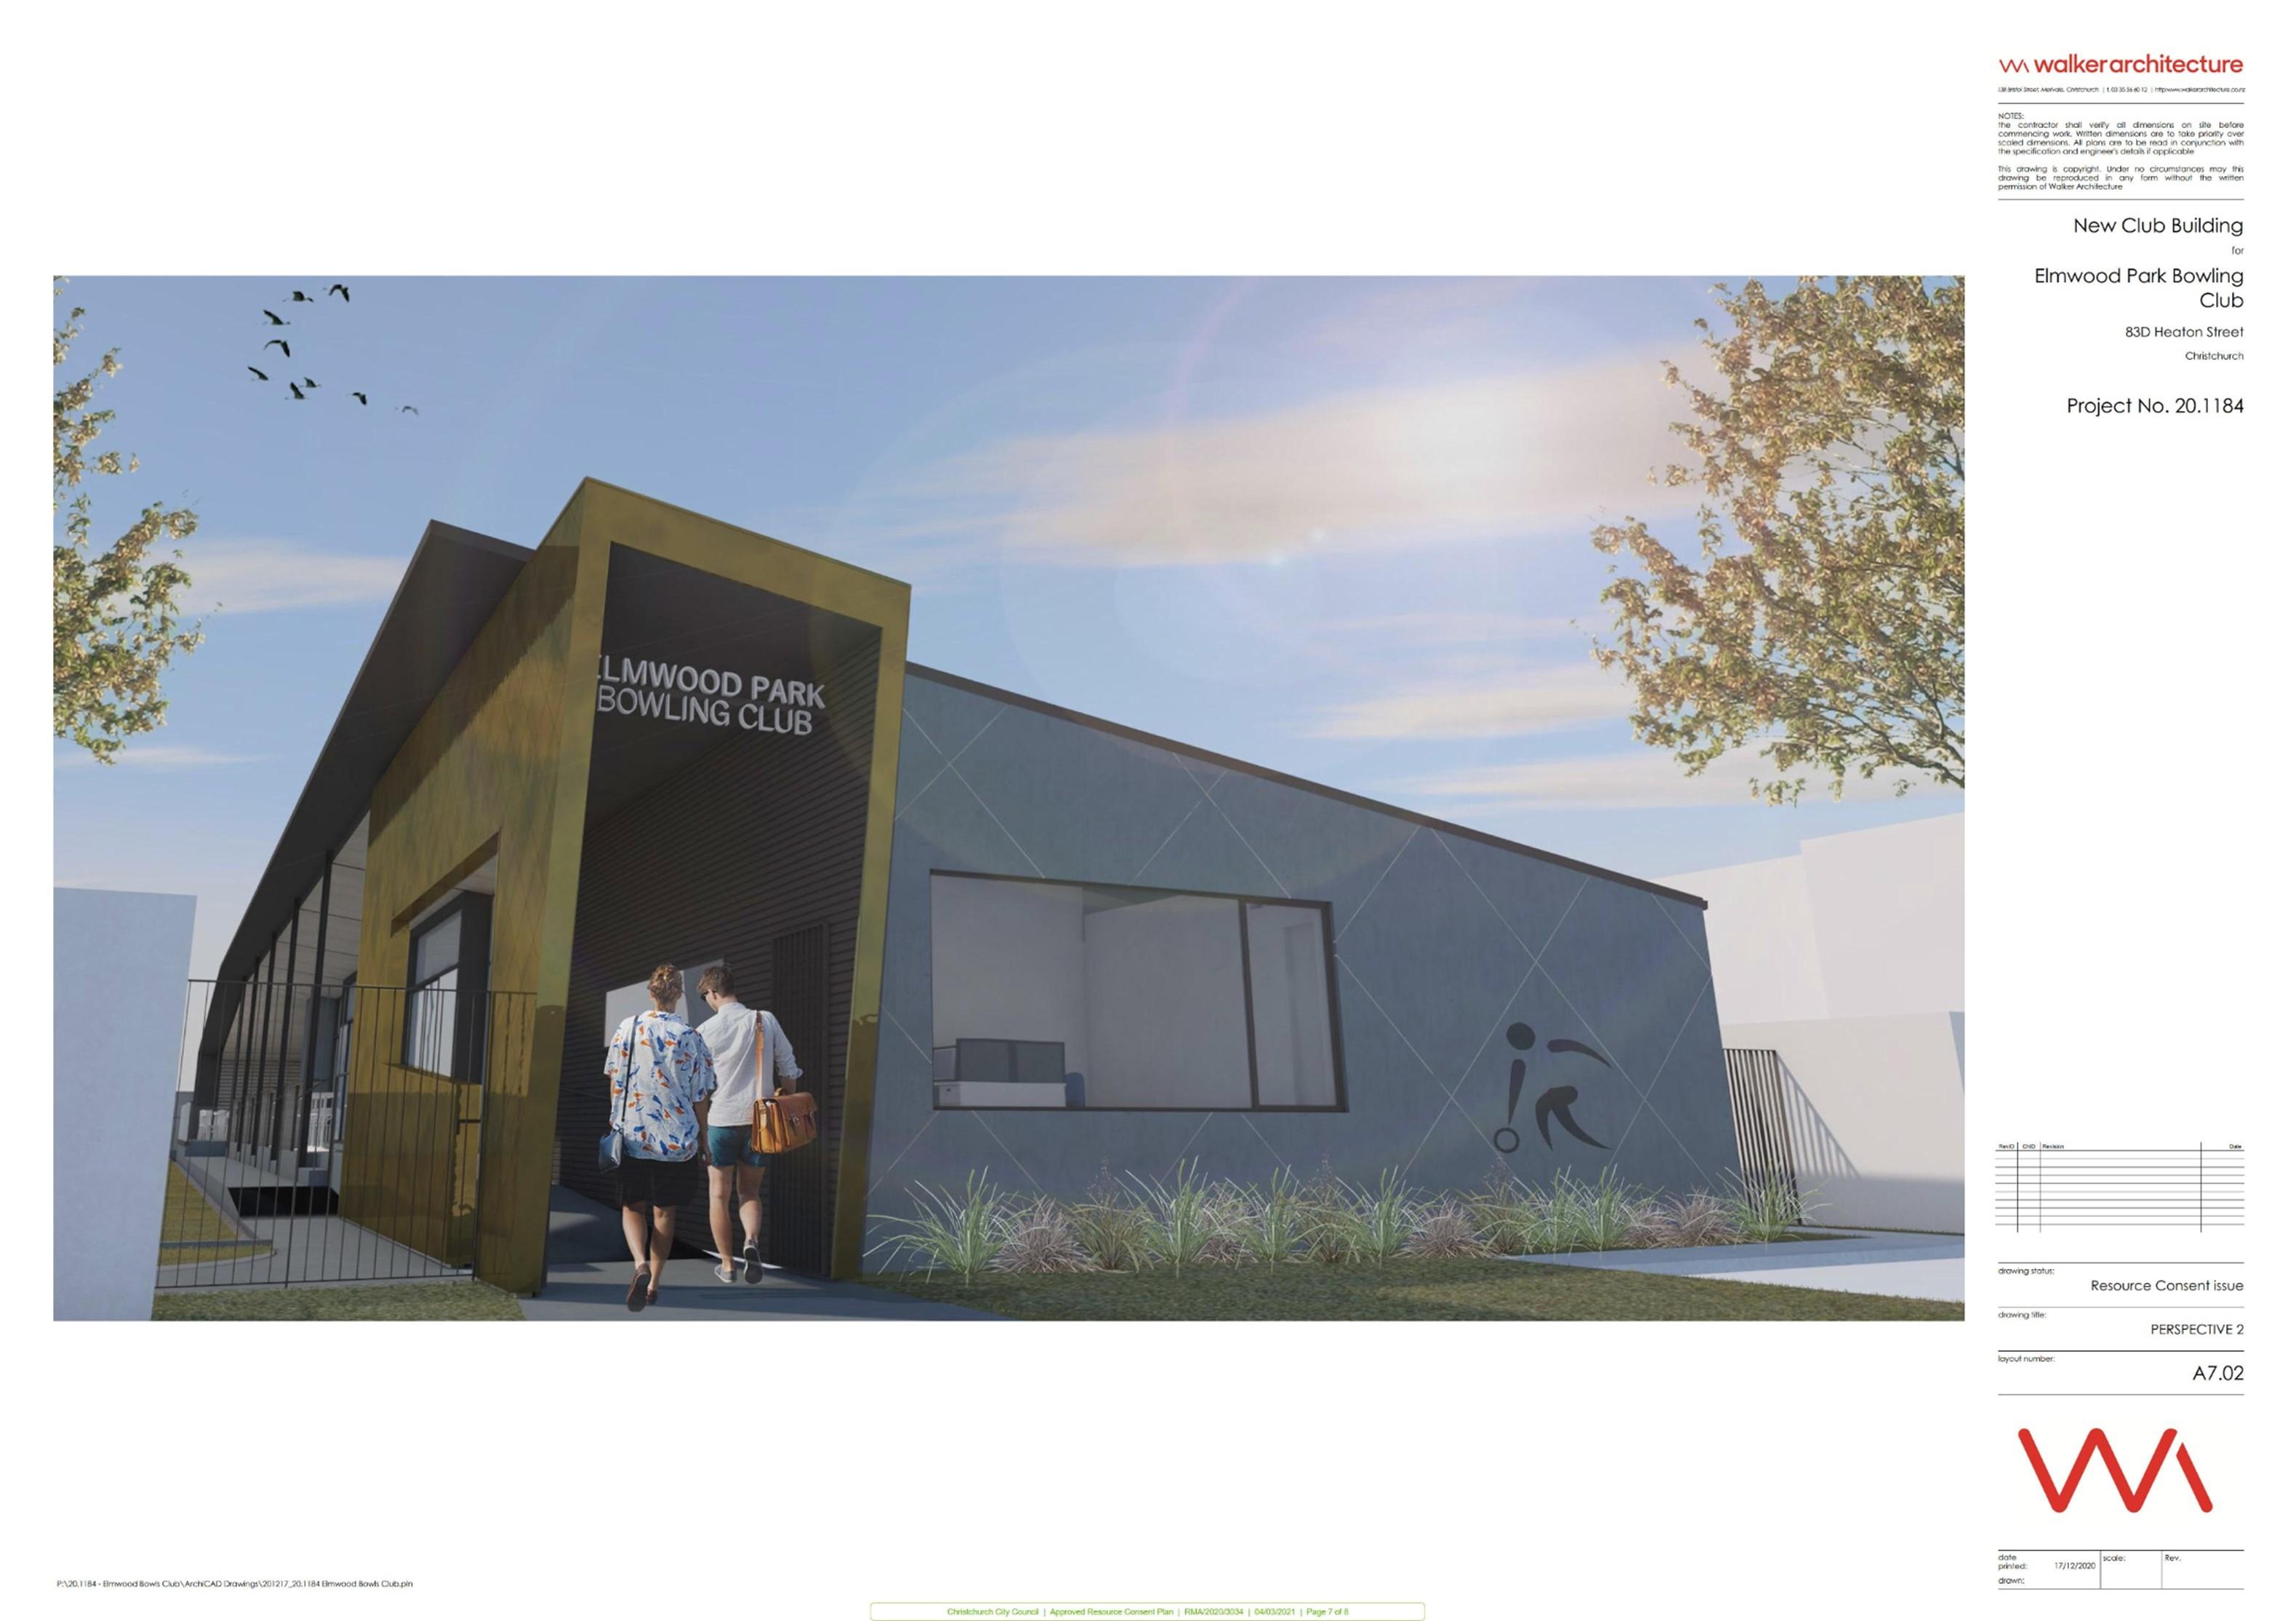 Elmwood Bowling Club plan 7 of 8